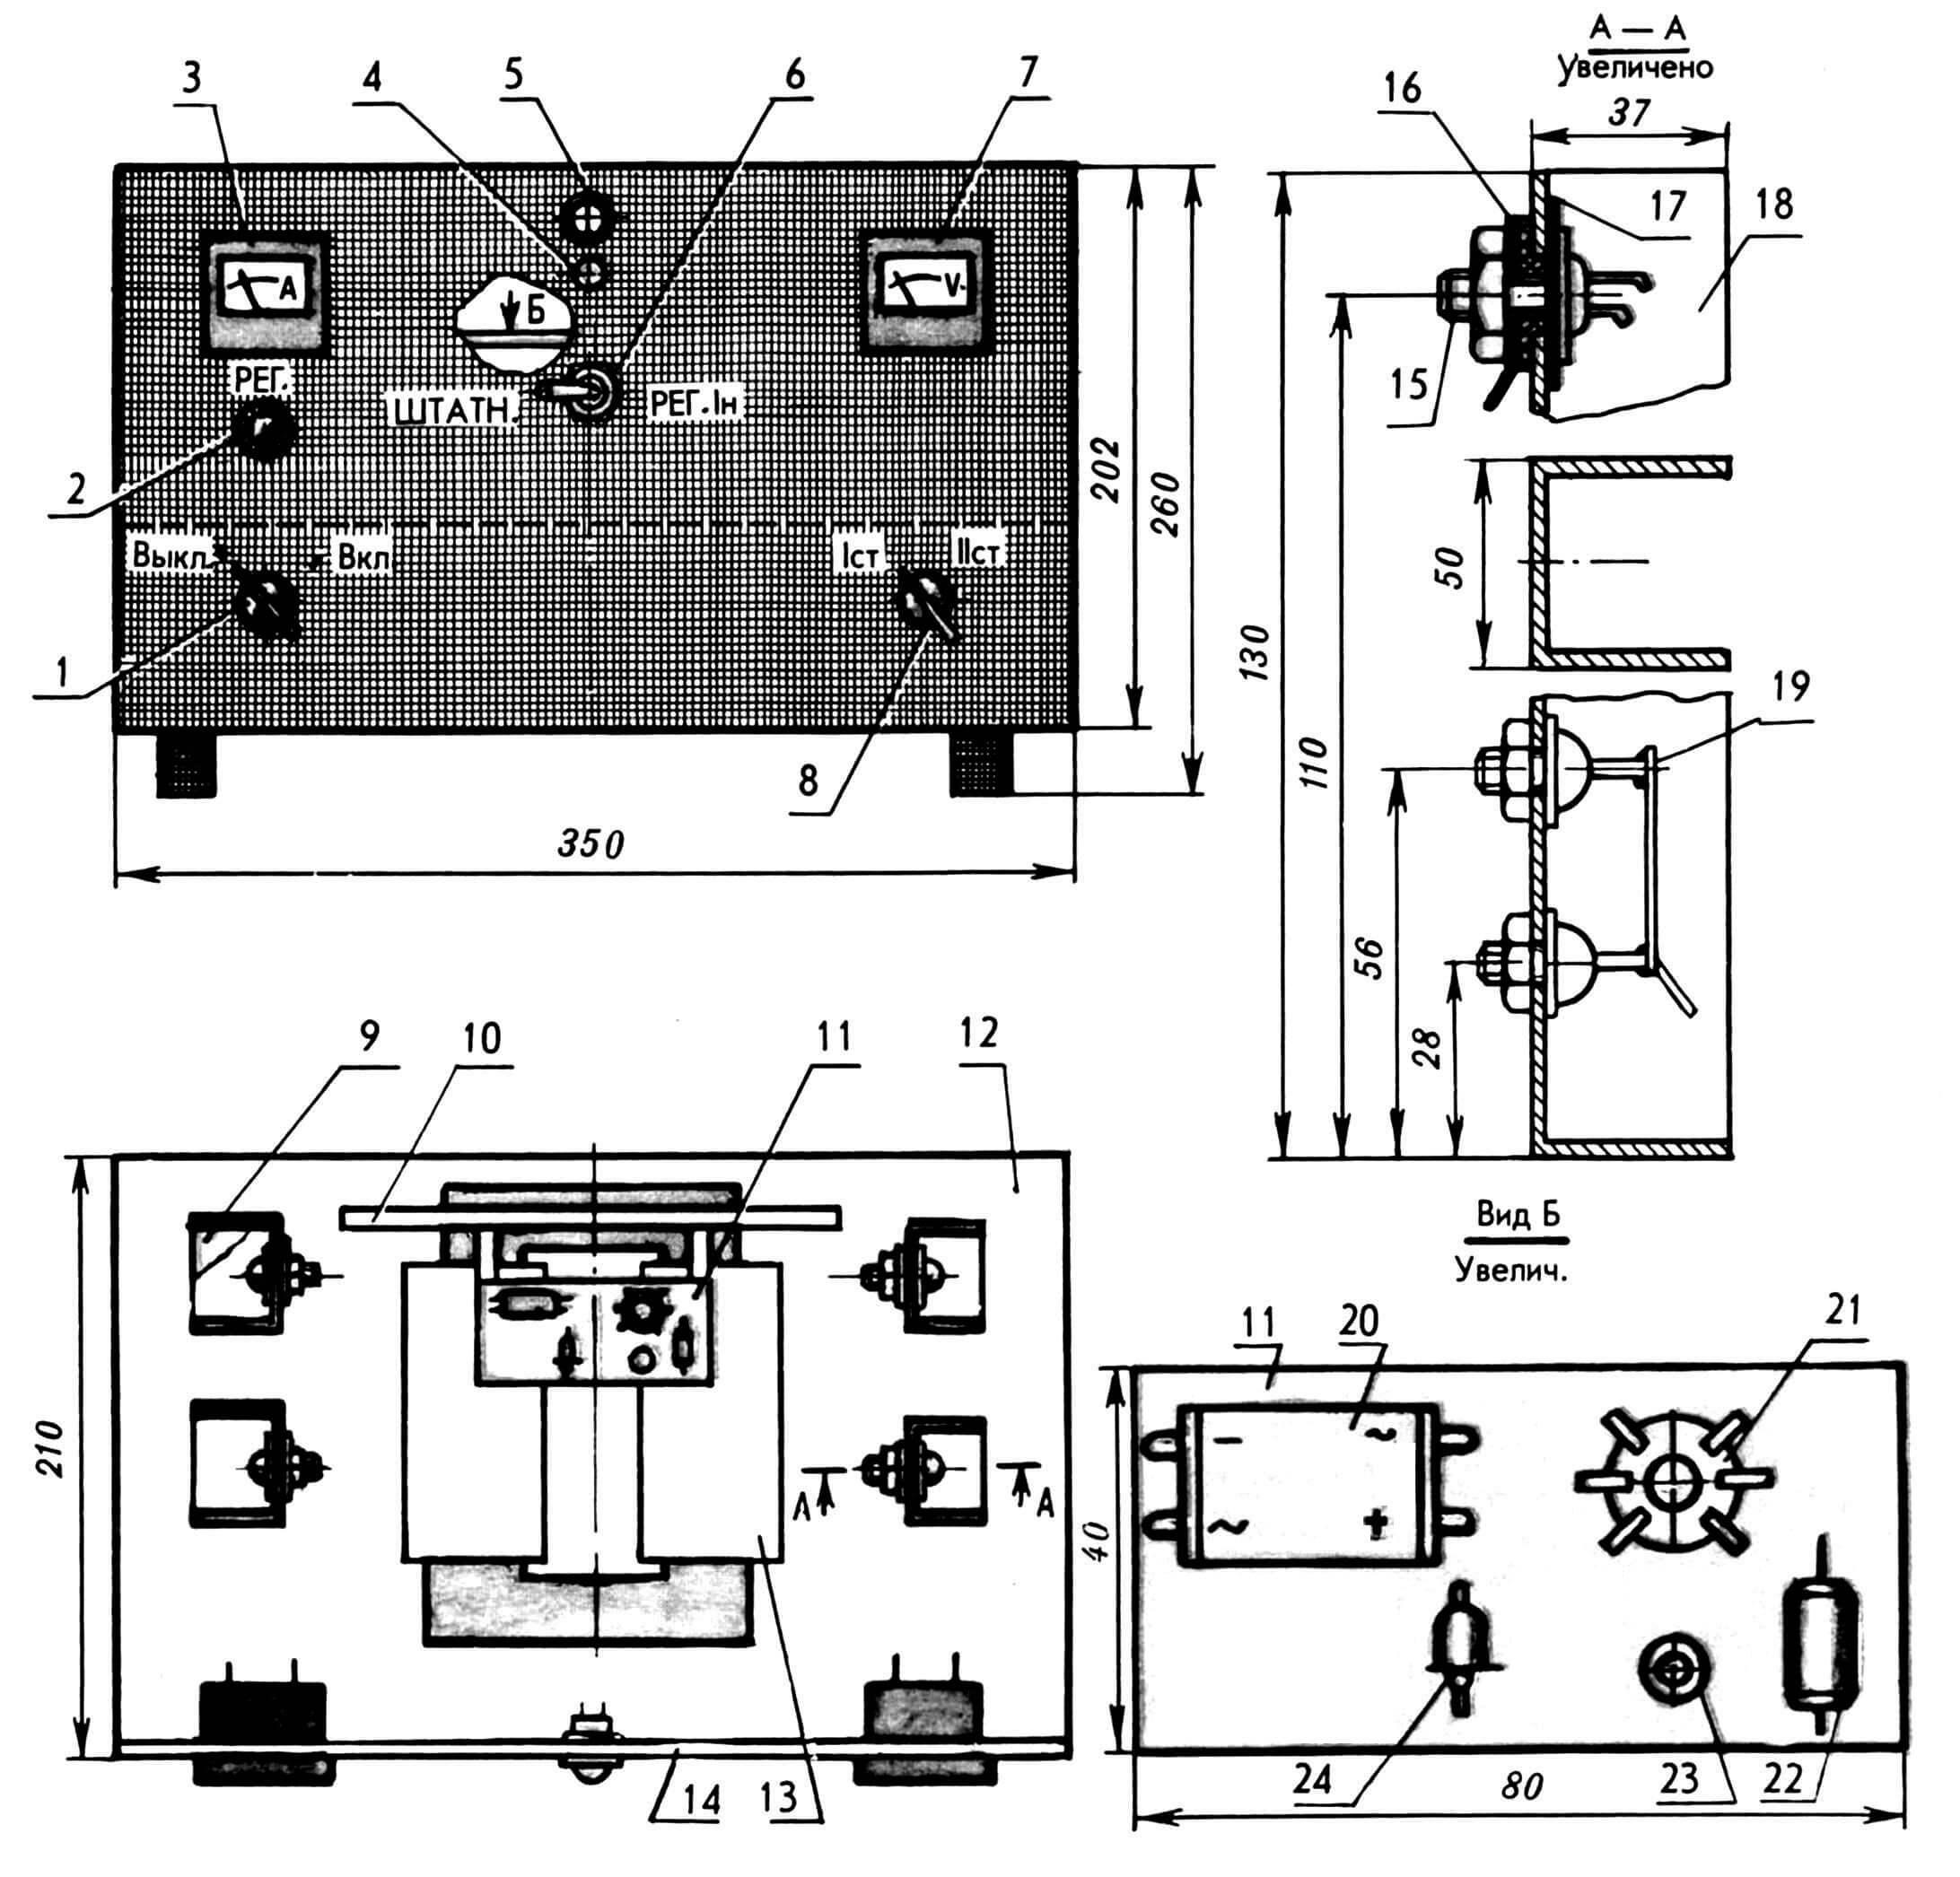 Рис. 2. Выпрямитель-ветеран становится современным, регулируемым (крепежные винты, дроссель и корпус условно не показаны): 1 — выключатель прибора; 2 — ручка регулировки фазоимпульсного генератора; 3 — амперметр; 4 — светодиод AЛ310; 5 — лампа индикаторная; 6 — переключатель ПР-4м; 7 — вольтметр; 8 — переключатель штатных режимов работы выпрямителя; 9 — прокладка изоляционная; 10 — панель коммутационная штатная; 11 — плата монтажная; 12 — шасси ВСА-6к; 13 — трансформатор силовой штатный; 14 — панель лицевая; 15 — тиристор КУ202 либо диод Д243 регулируемого выпрямительного моста со штатным резьбовым креплением; 16 — втулка проходная текстолитовая; 17 — шайба слюдяная; 18 — стойка-радиатор алюминиевая штатная; 19 — плечо из двух параллельных диодов Д243 штатного выпрямительного моста; 20 — мост-сборка КЦ402; 21 — трансформатор импульсный МИТ042; 22 — конденсатор МБМ 0,25 мкФ; 23 — транзистор однопереходной КТ117А; 24 — стабилитрон Д814Д.